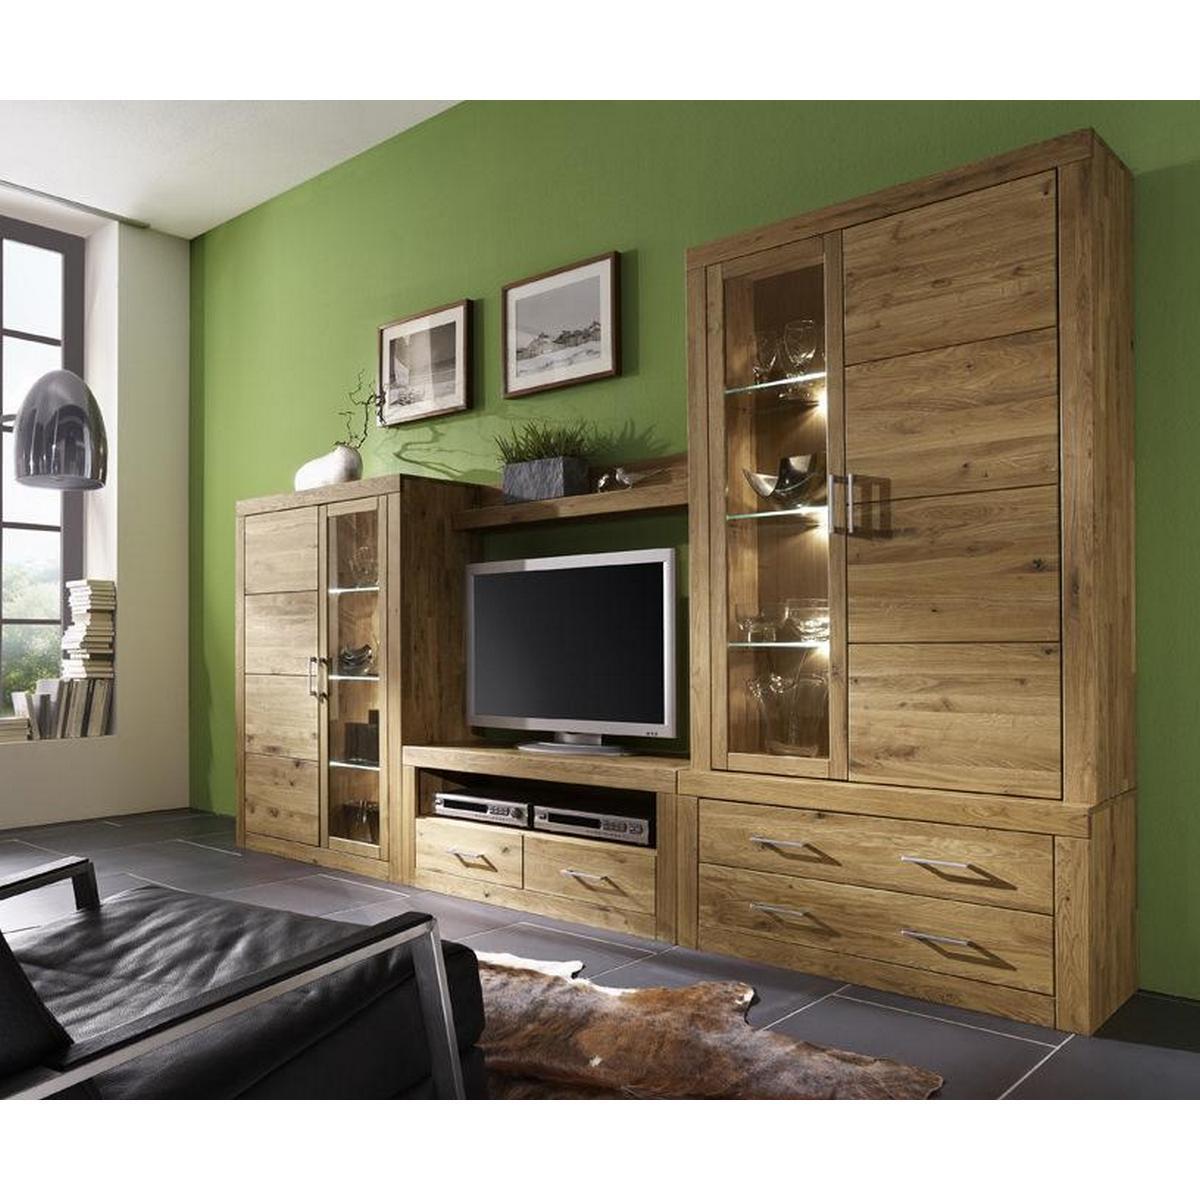 Käfer im wohnzimmer altbau – dumss.com